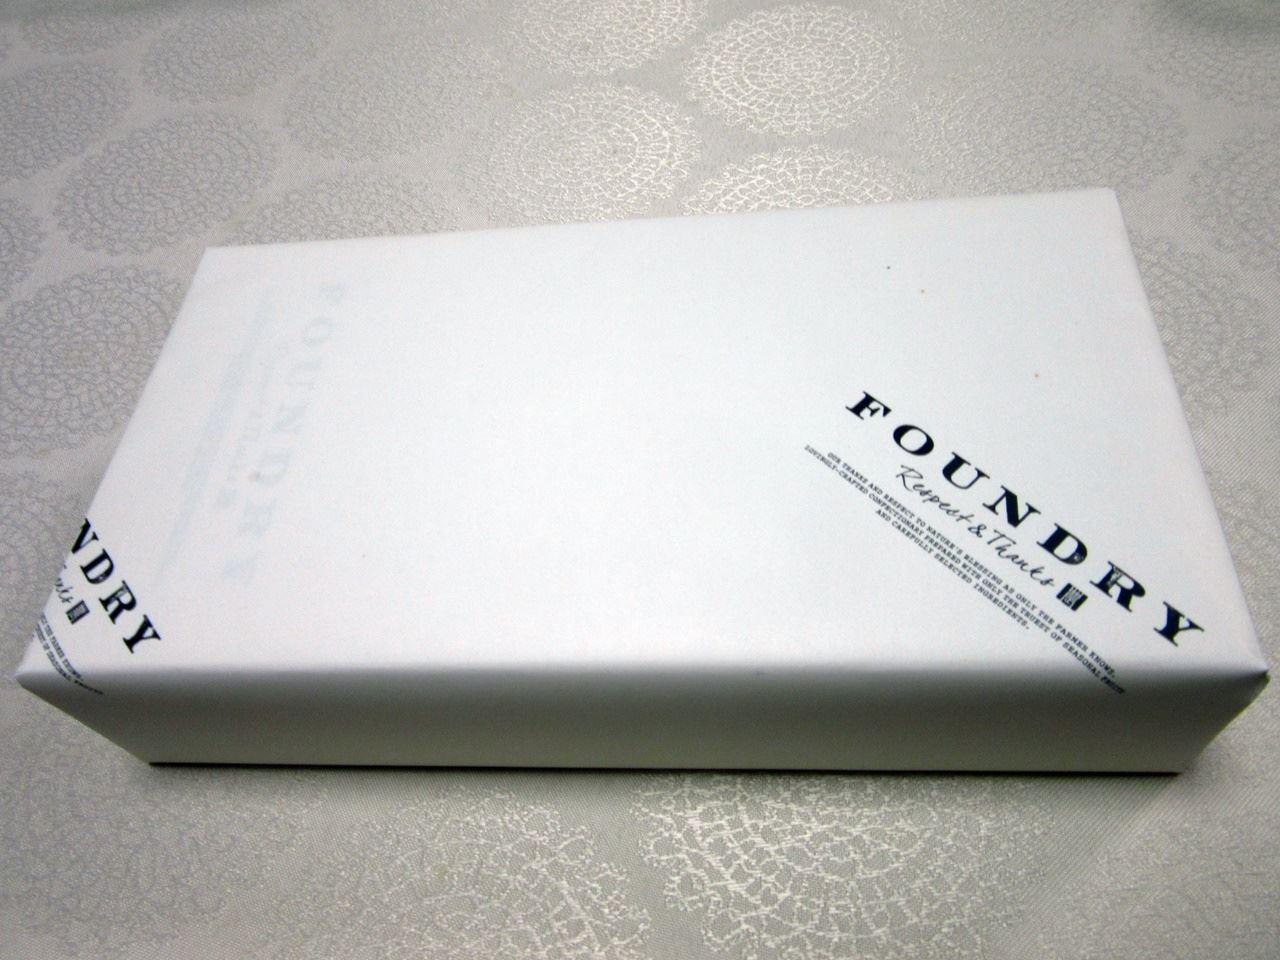 【FOUNDRY(ファウンドリー)】パッケージ